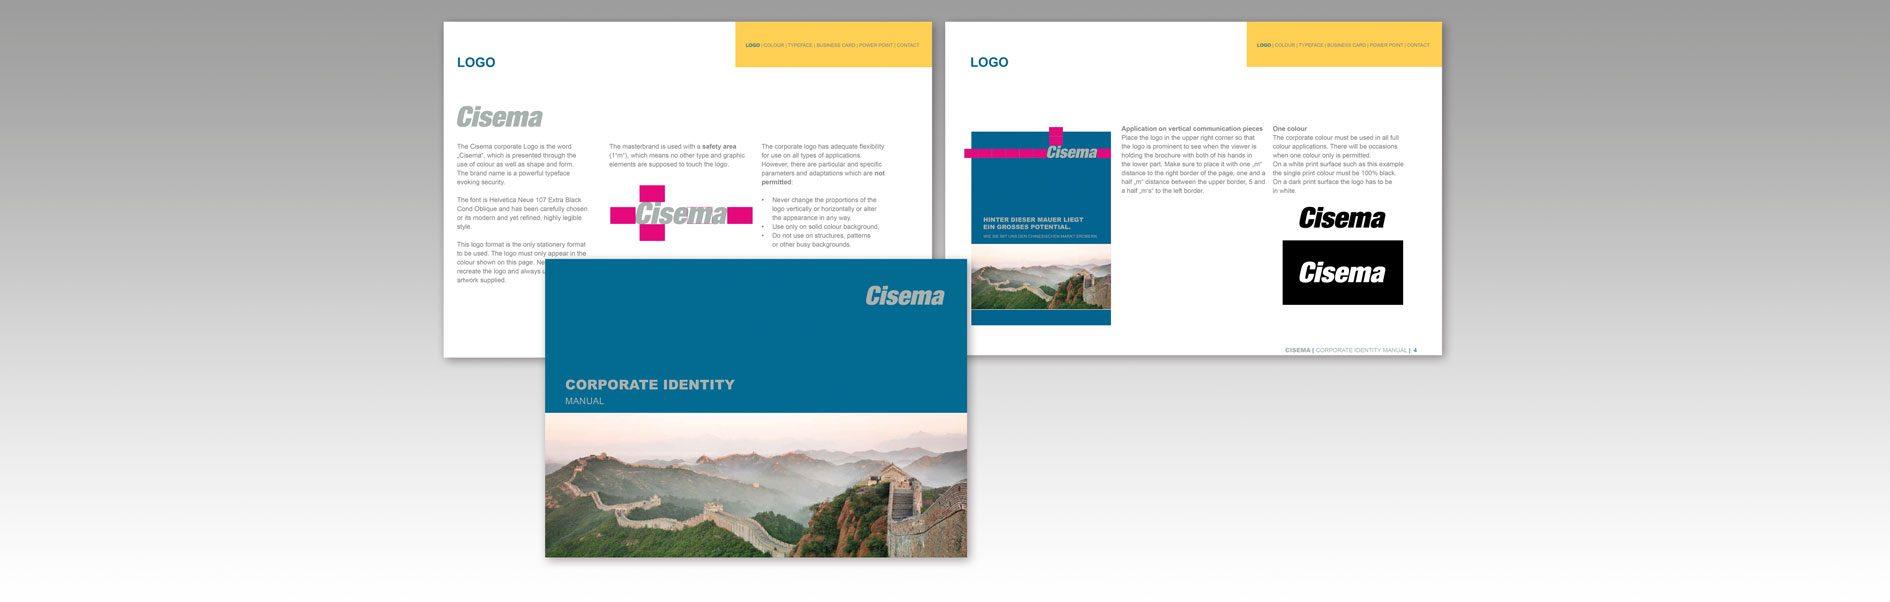 Hier ist das Corporate Design Manual von Cisema abgebildet.